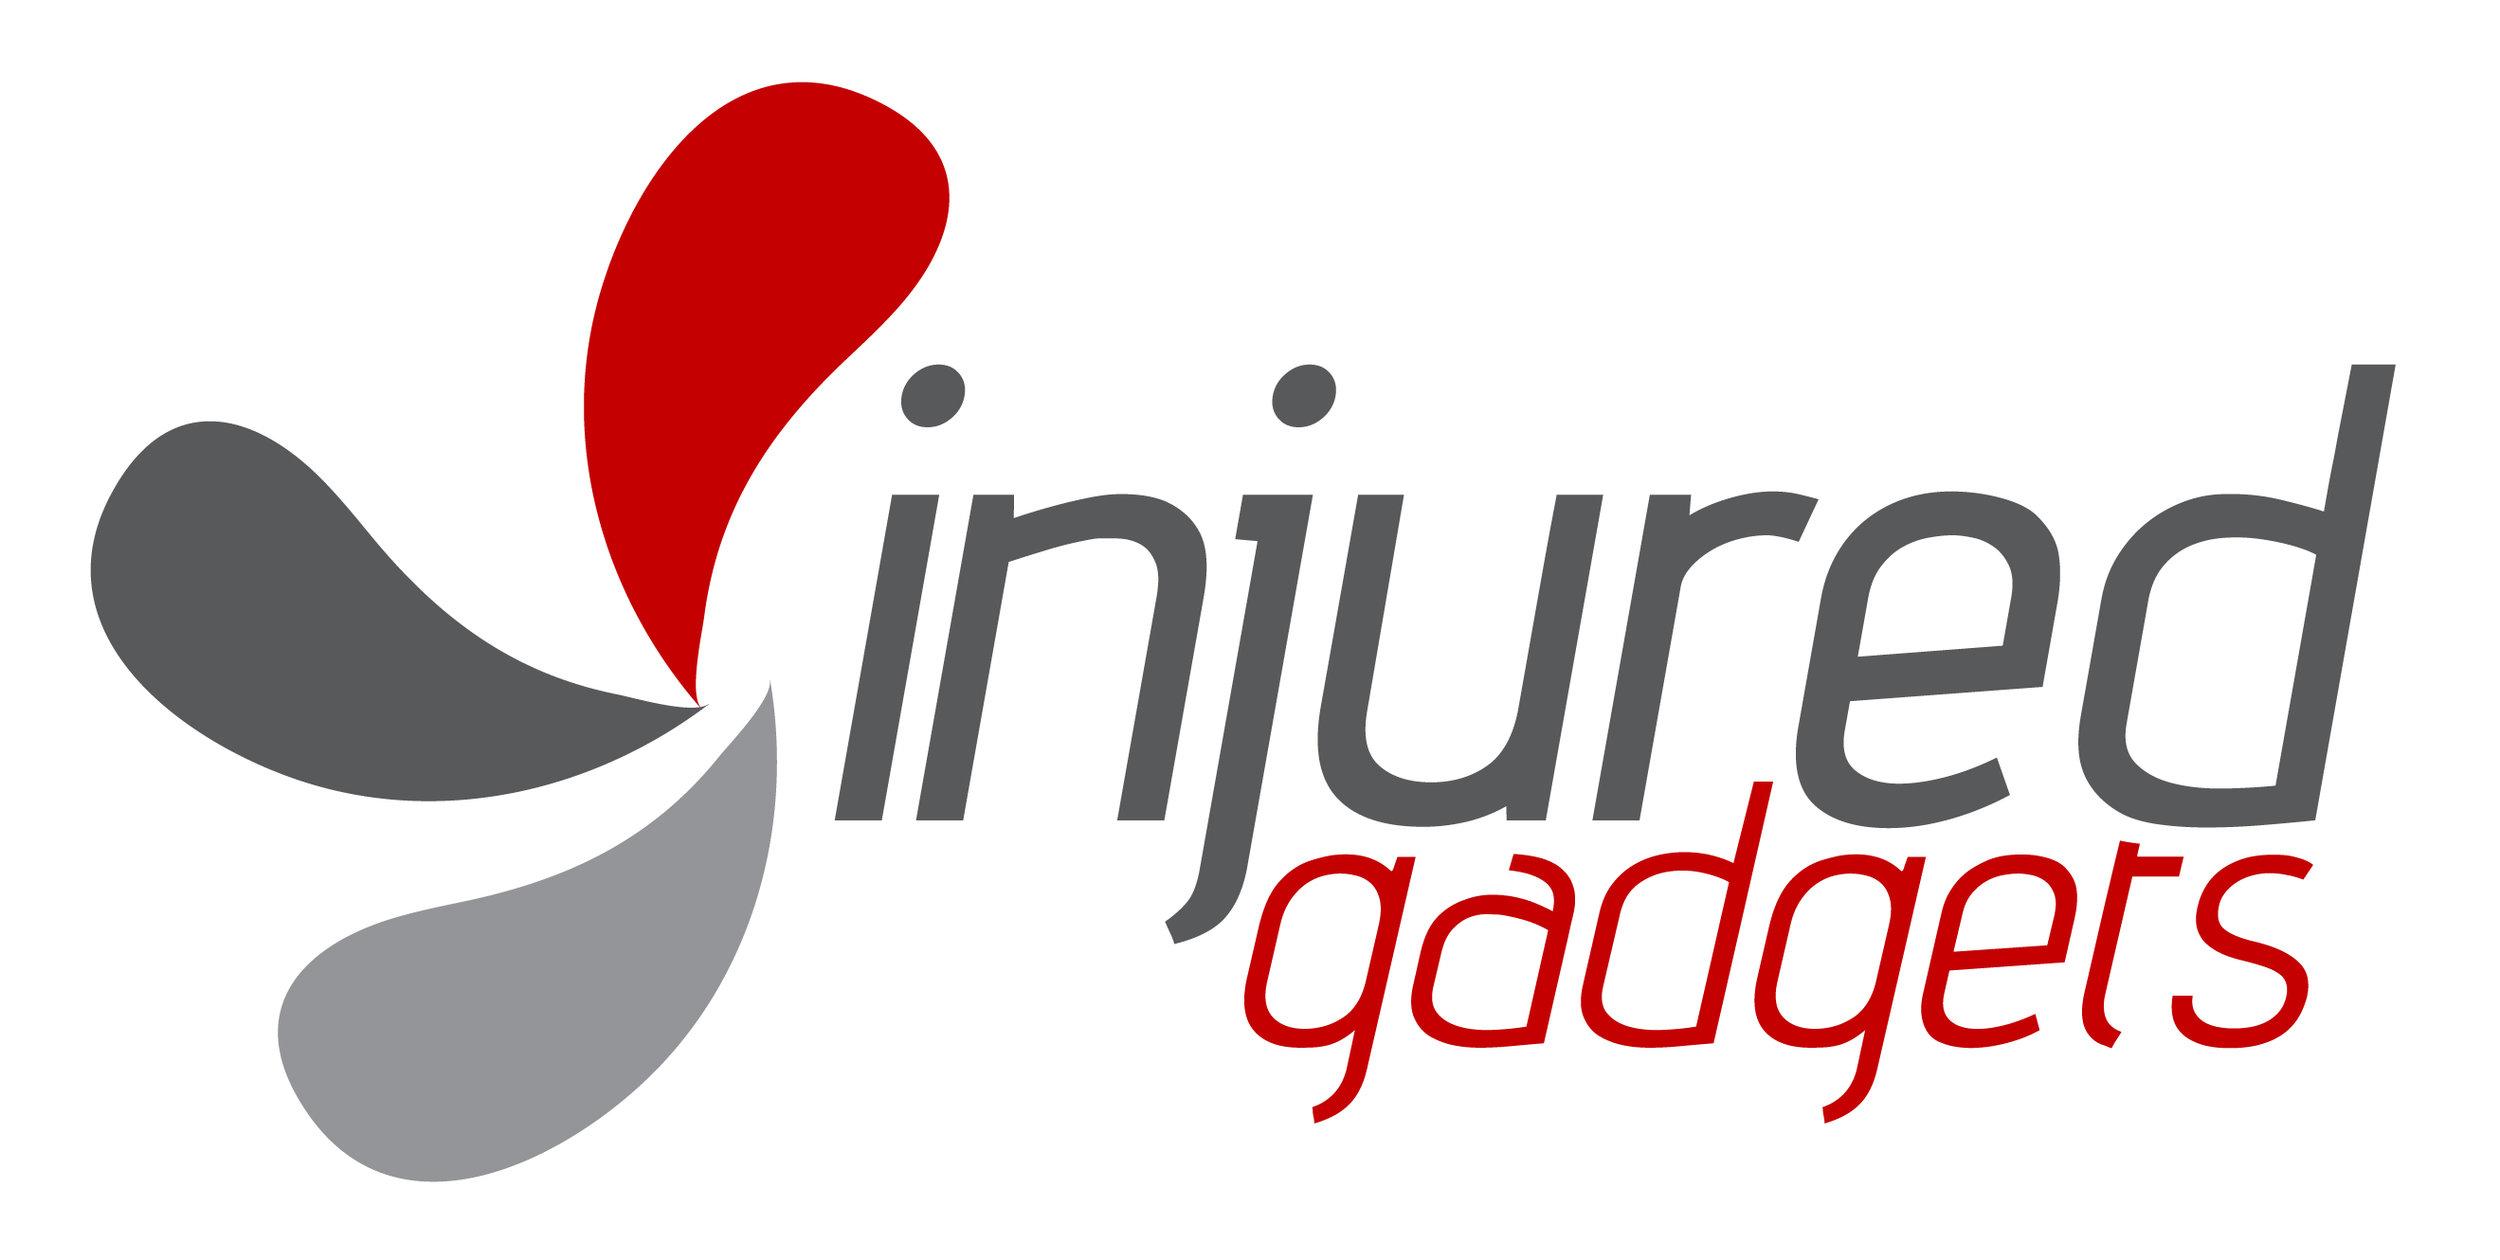 injured gadgets logo.jpg